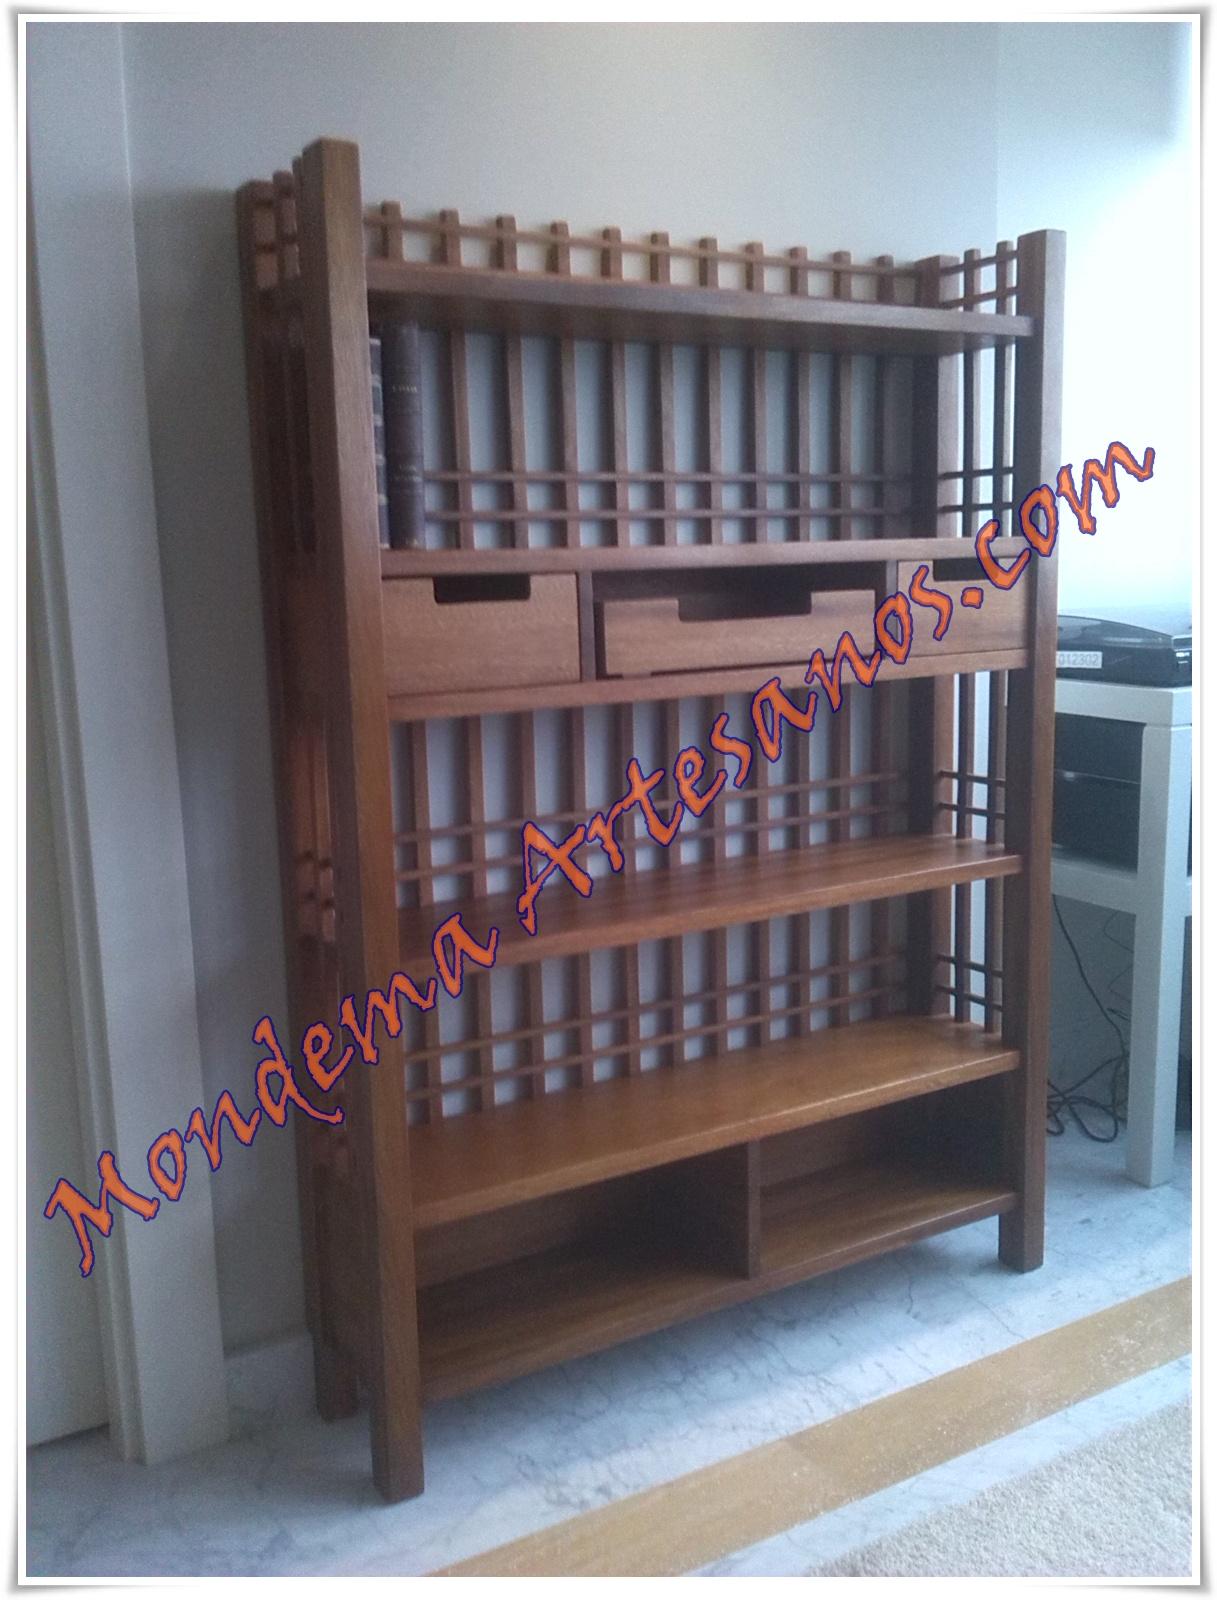 Libreria de madera de iroko artesanos carpinteros - Libreria de madera ...